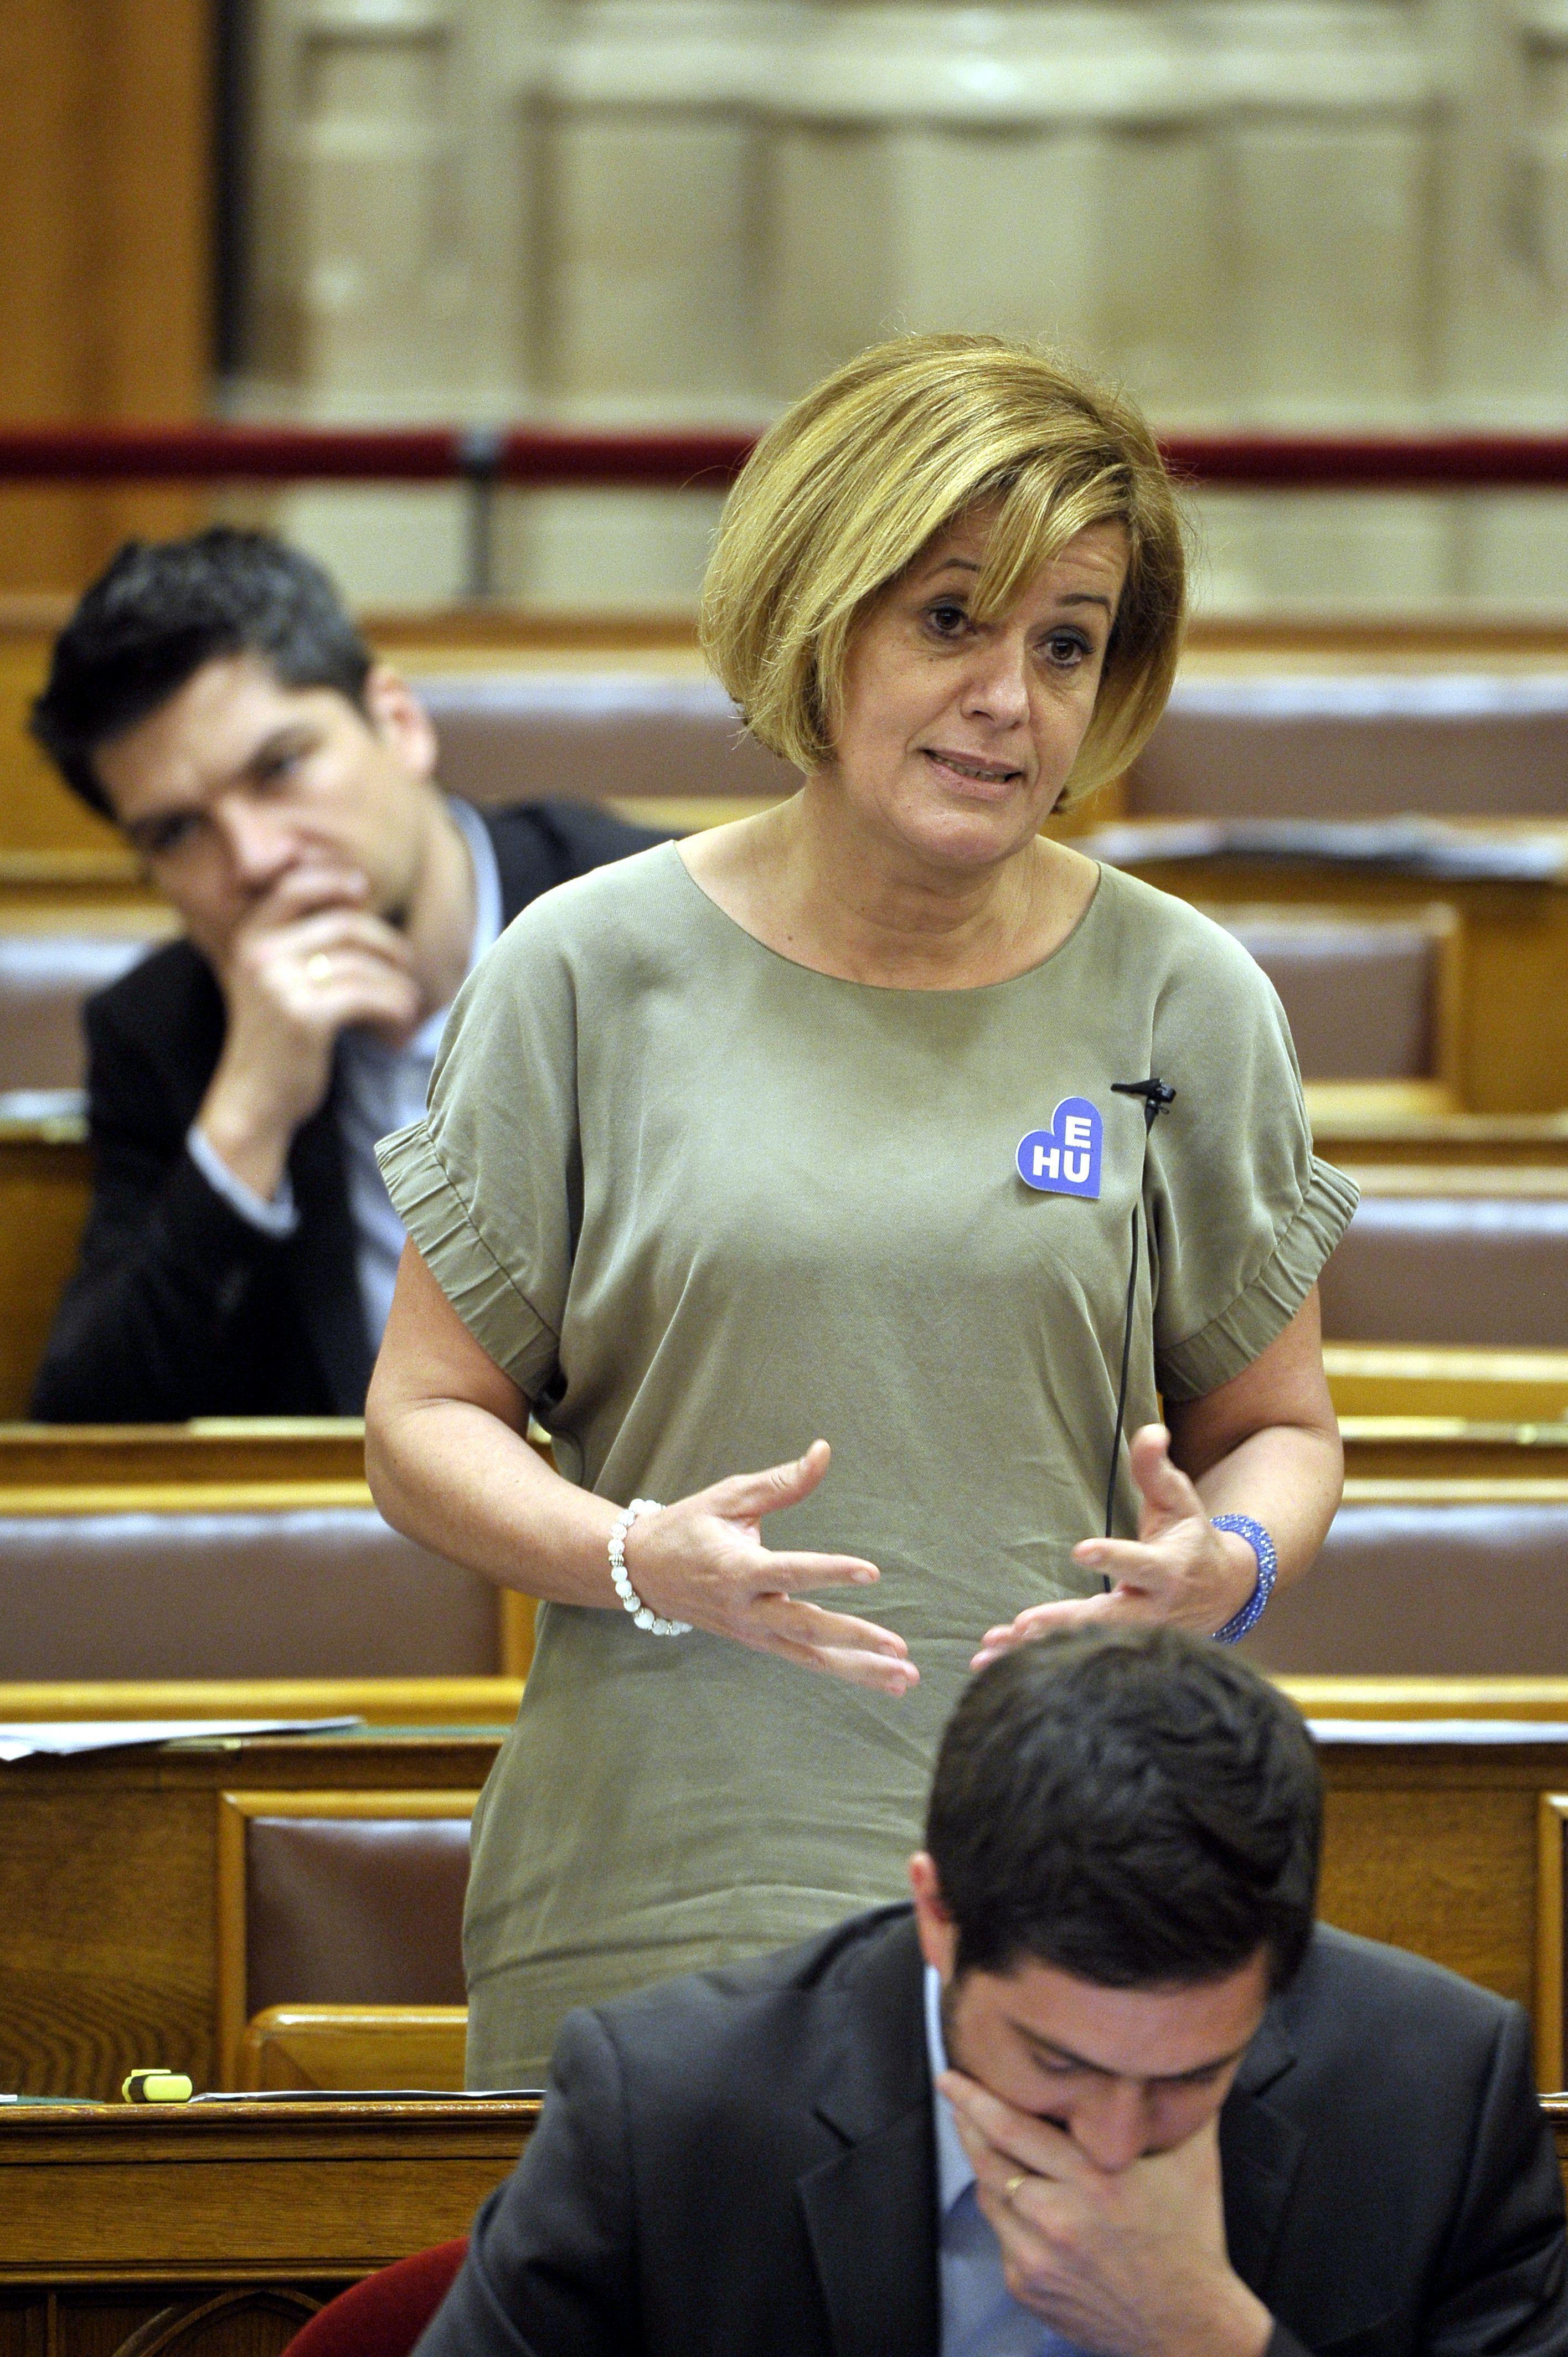 Az MSZP-s Bangóné közölte, hogy meg sem fordult a fejében, hogy a Fidesz-szavazók patkányok